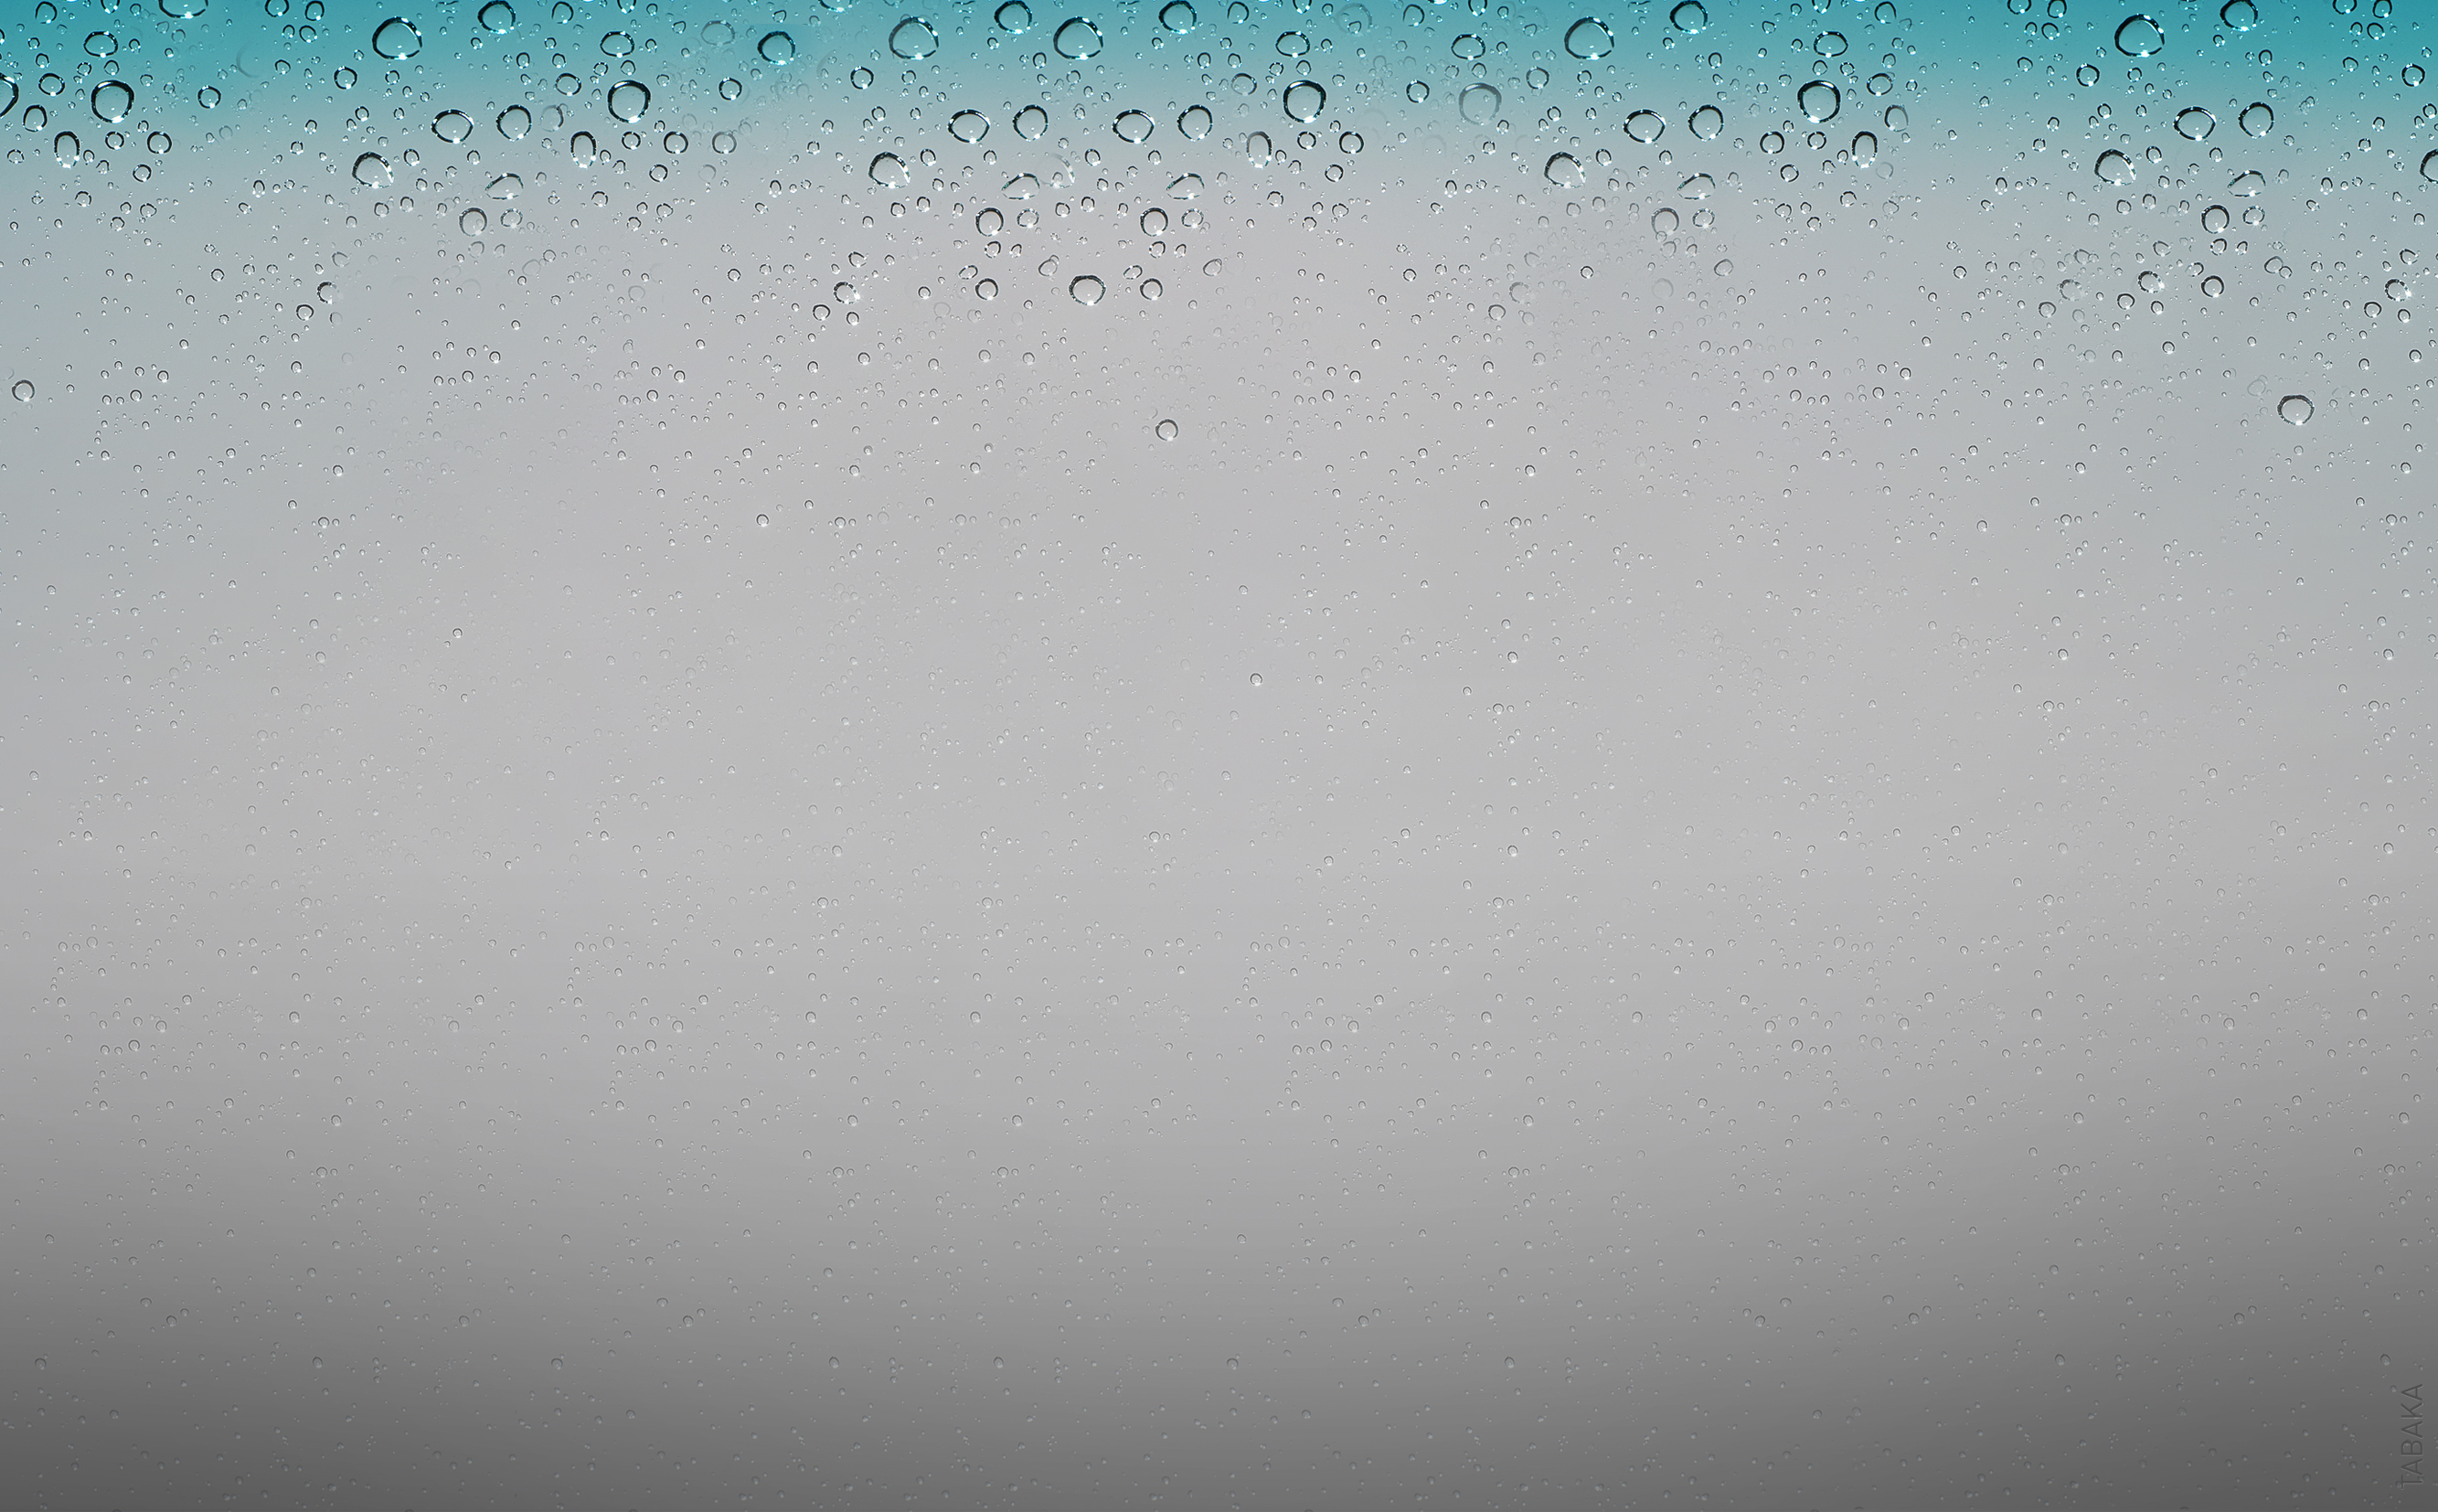 iOS 5 Original Wallpaper - WallpaperSafari